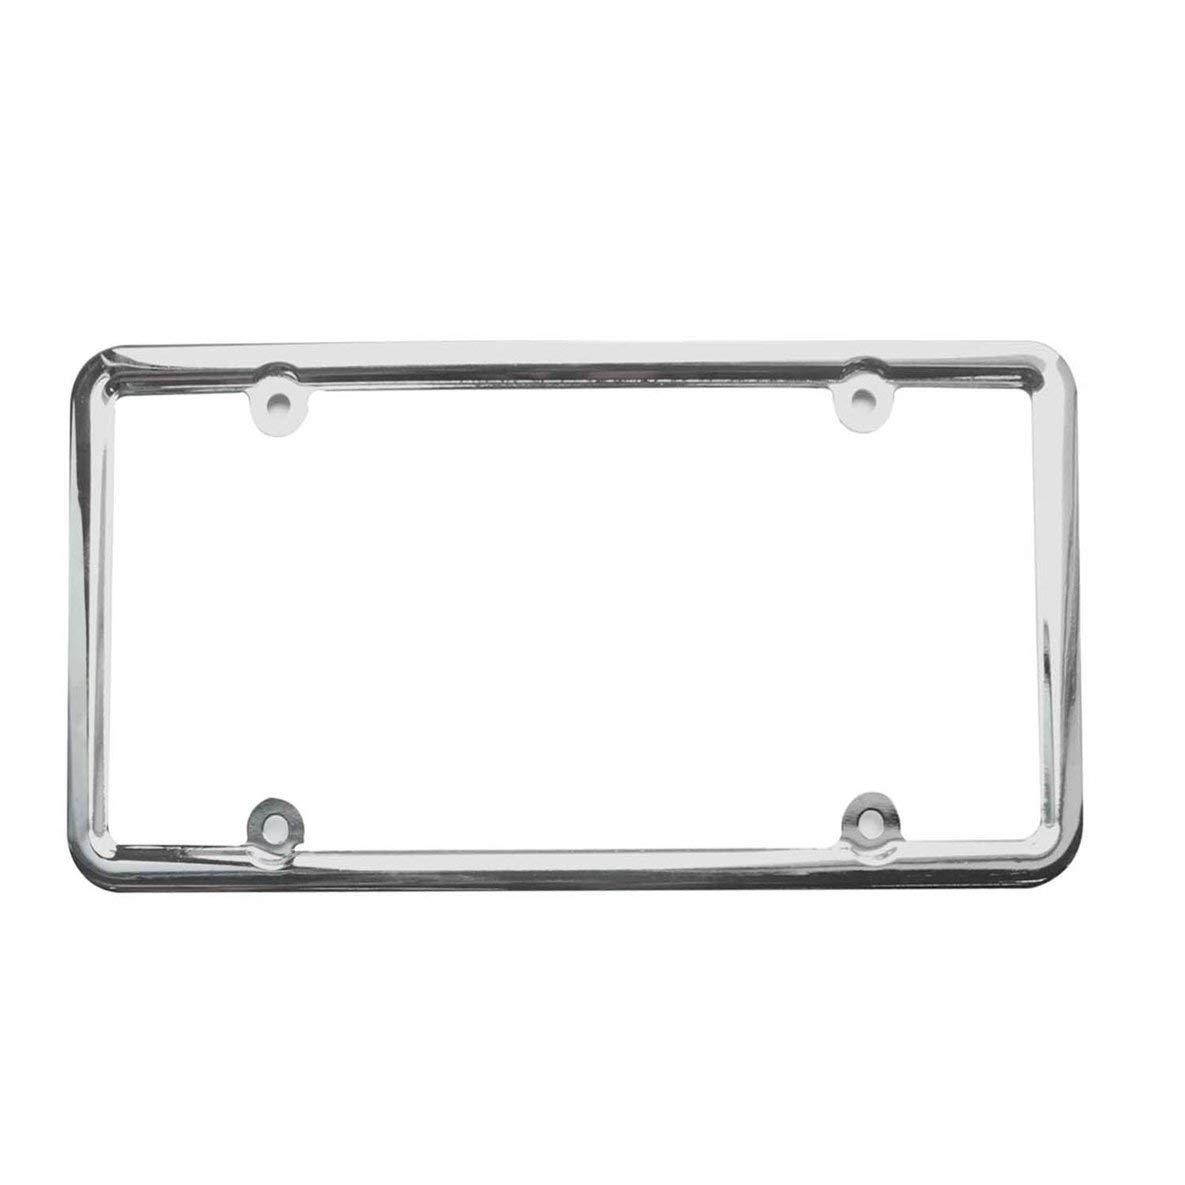 Cadres de support de plaque d'immatriculation en métal en acier inoxydable en acier inoxydable chromé professionnel pour véhicules standard américains Moliies